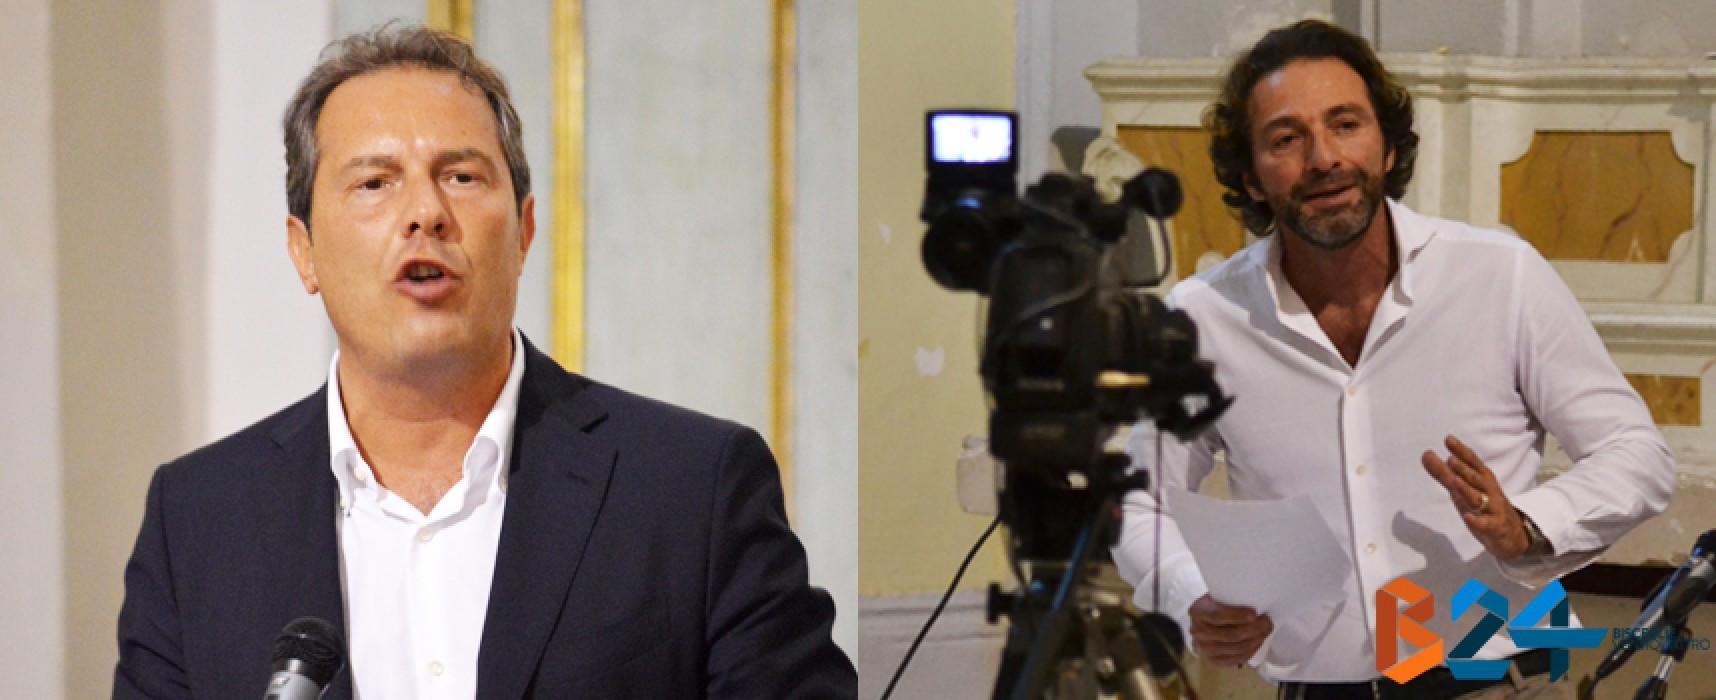 """Bilancio, Spina: """"Opposizione miope, saldo positivo"""", Casella ribatte punto per punto: """"Nascosta la verità"""""""